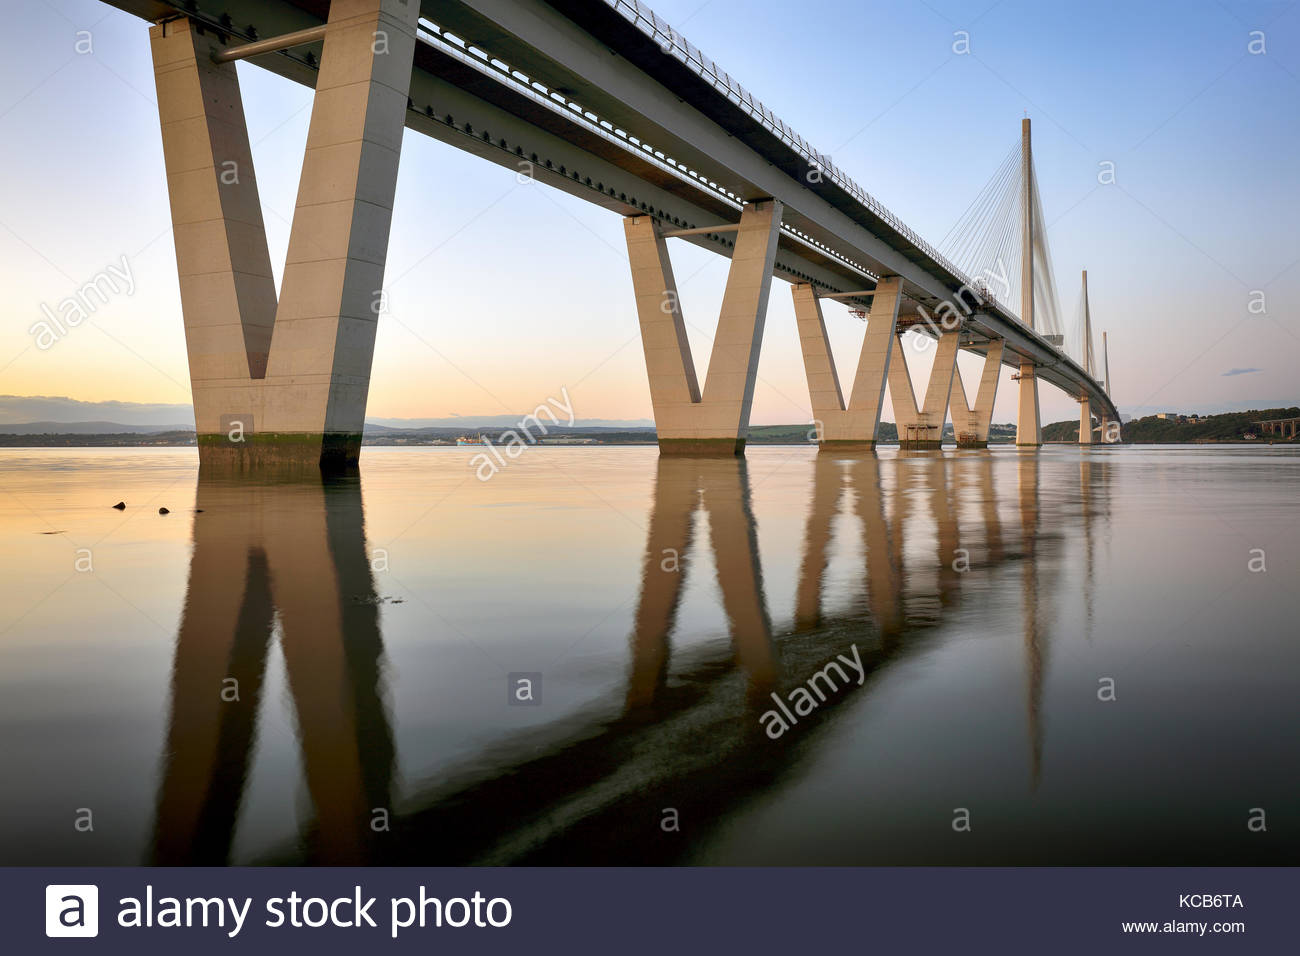 Reflets de la nouvelle Queensferry Crossing bridge sur le Firth of Forth au coucher du soleil. Banque D'Images